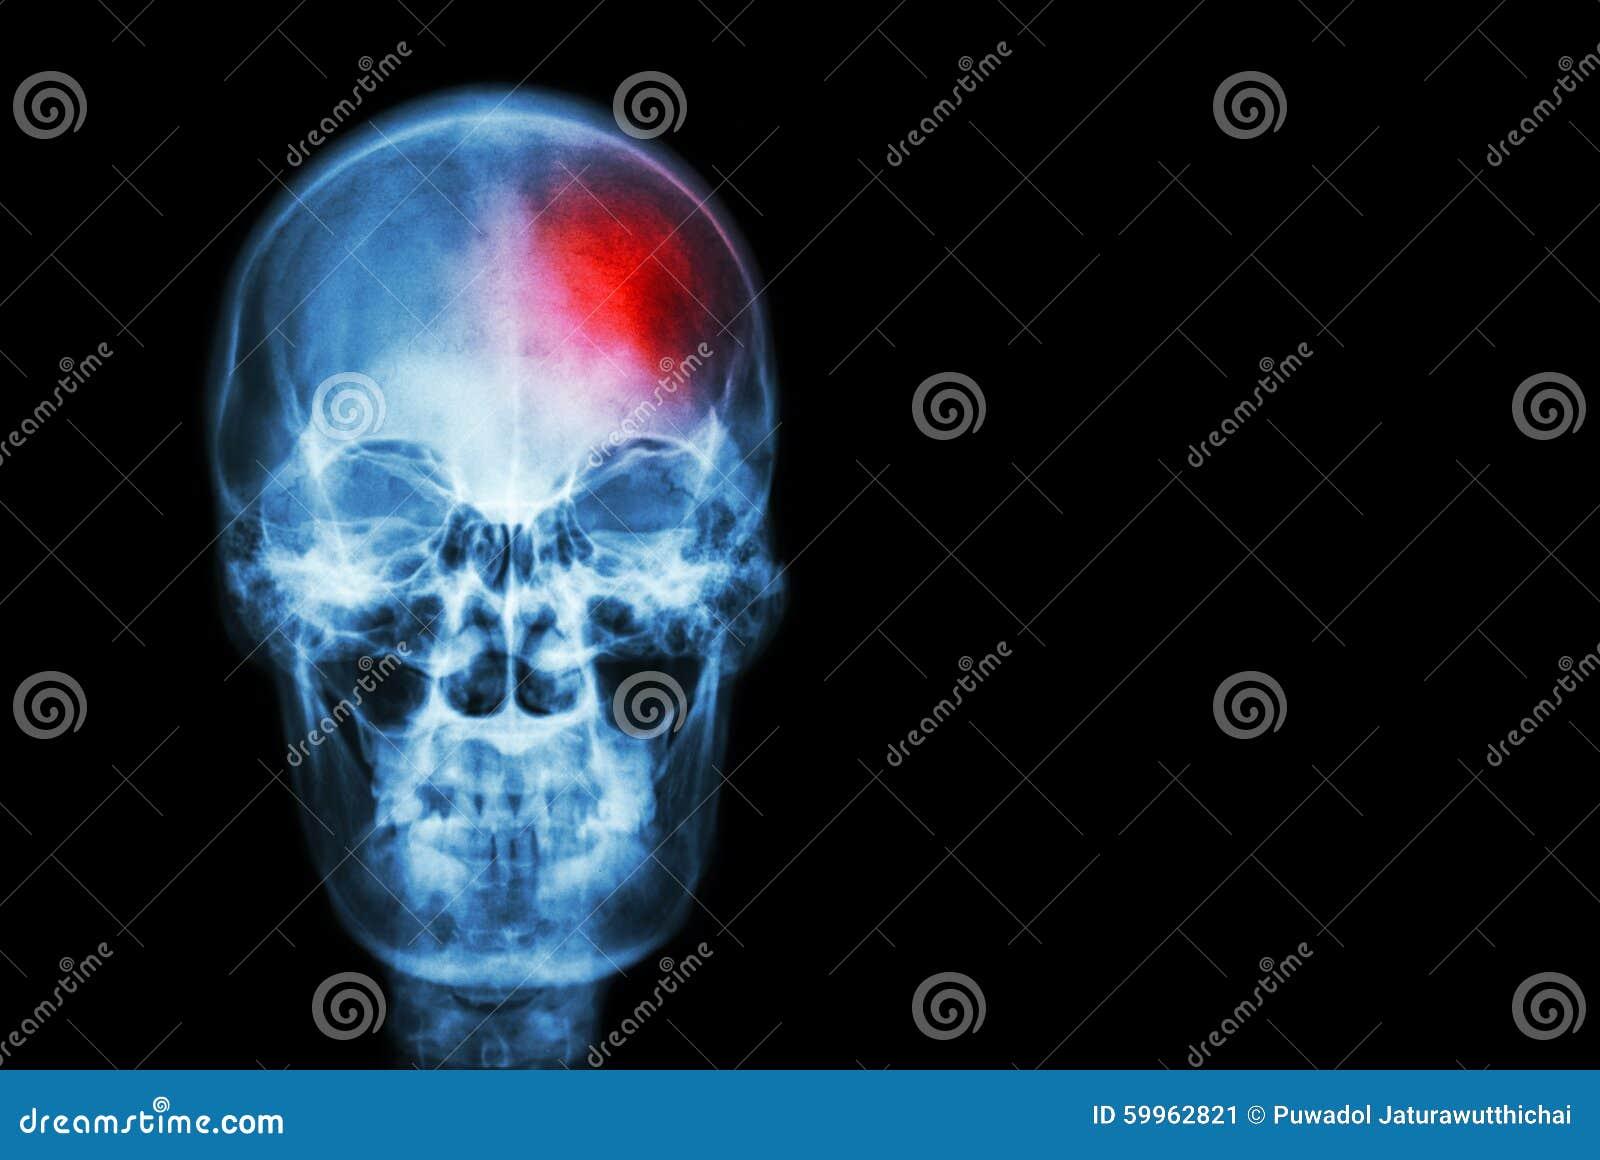 Slaglängd (Cerebrovascular olycka) filma röntgenstråleskallen av människan med rött område (läkarundersökning, vetenskap och sjuk